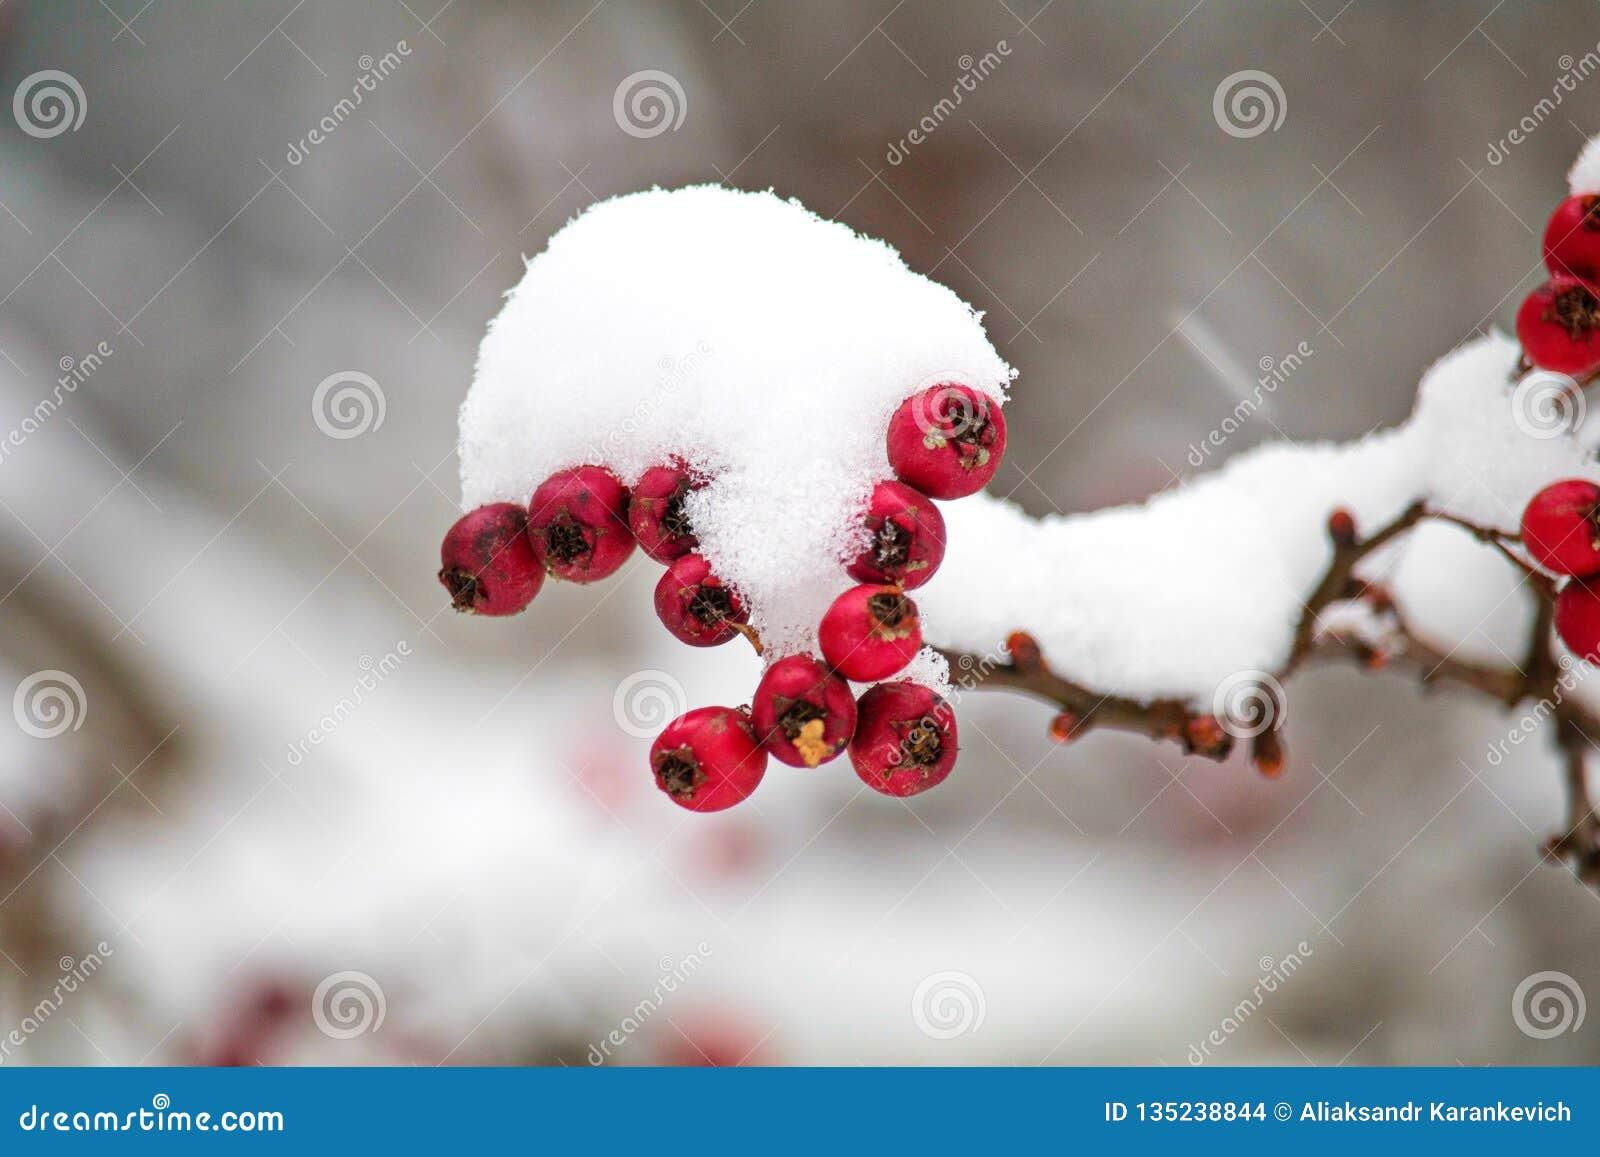 Rote Eberesche auf einer Niederlassung unter einer Schneekappe Zufuhr für Vögel im Winter gefrorene Beeren im Frost